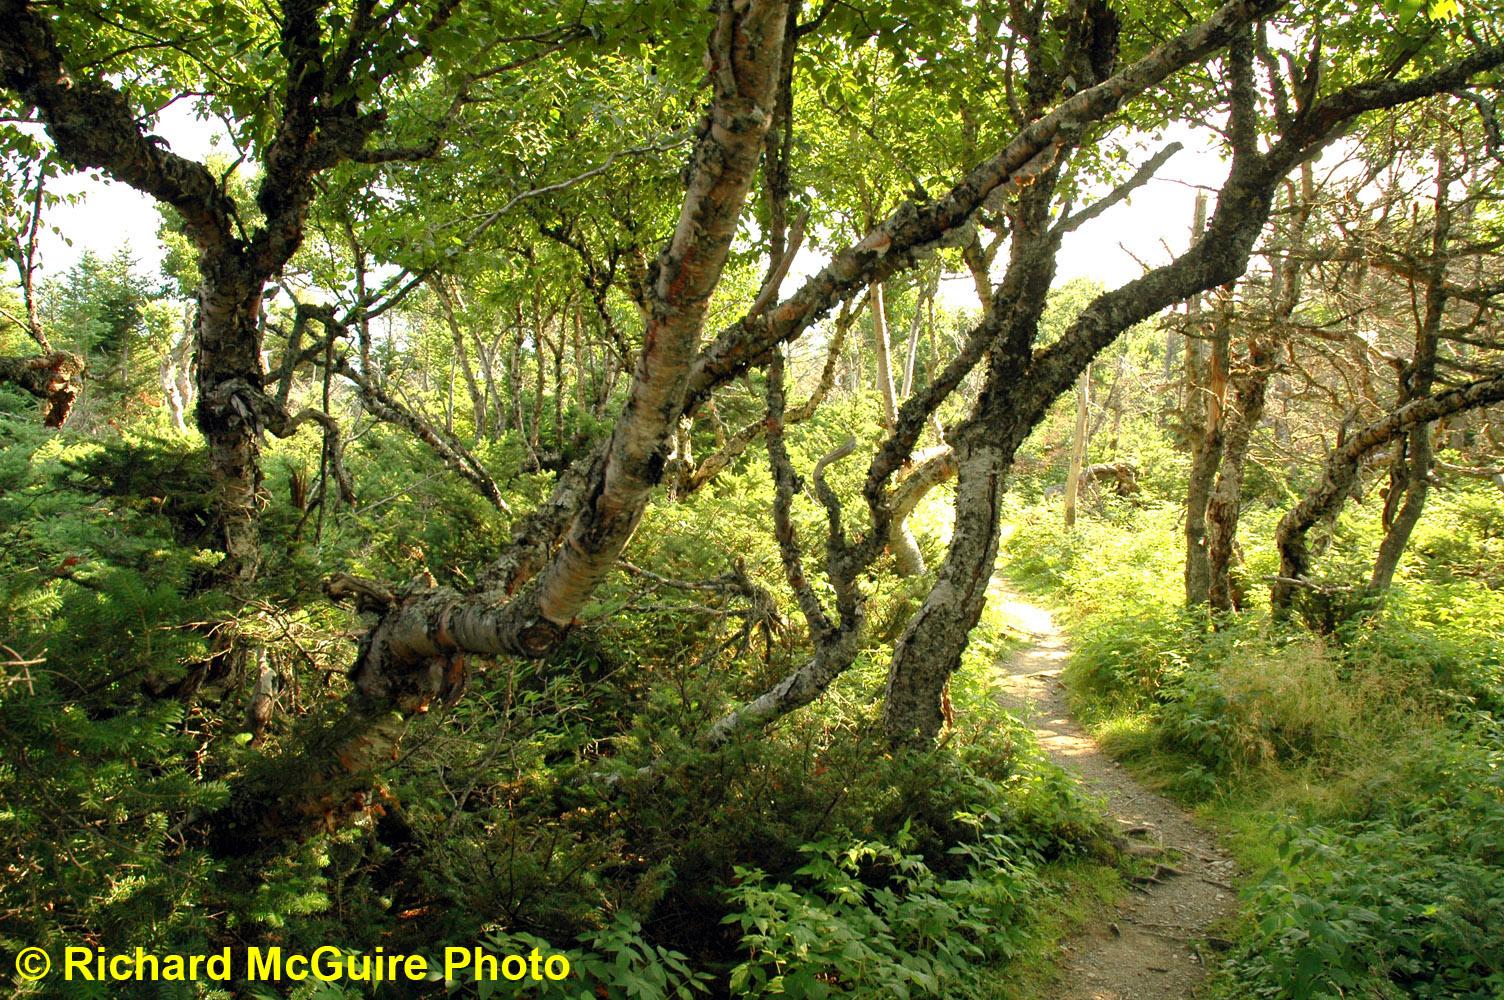 Trees, near Western Brook Pond, Gros Morne National Park, Newfoundland and Labrador, Canada